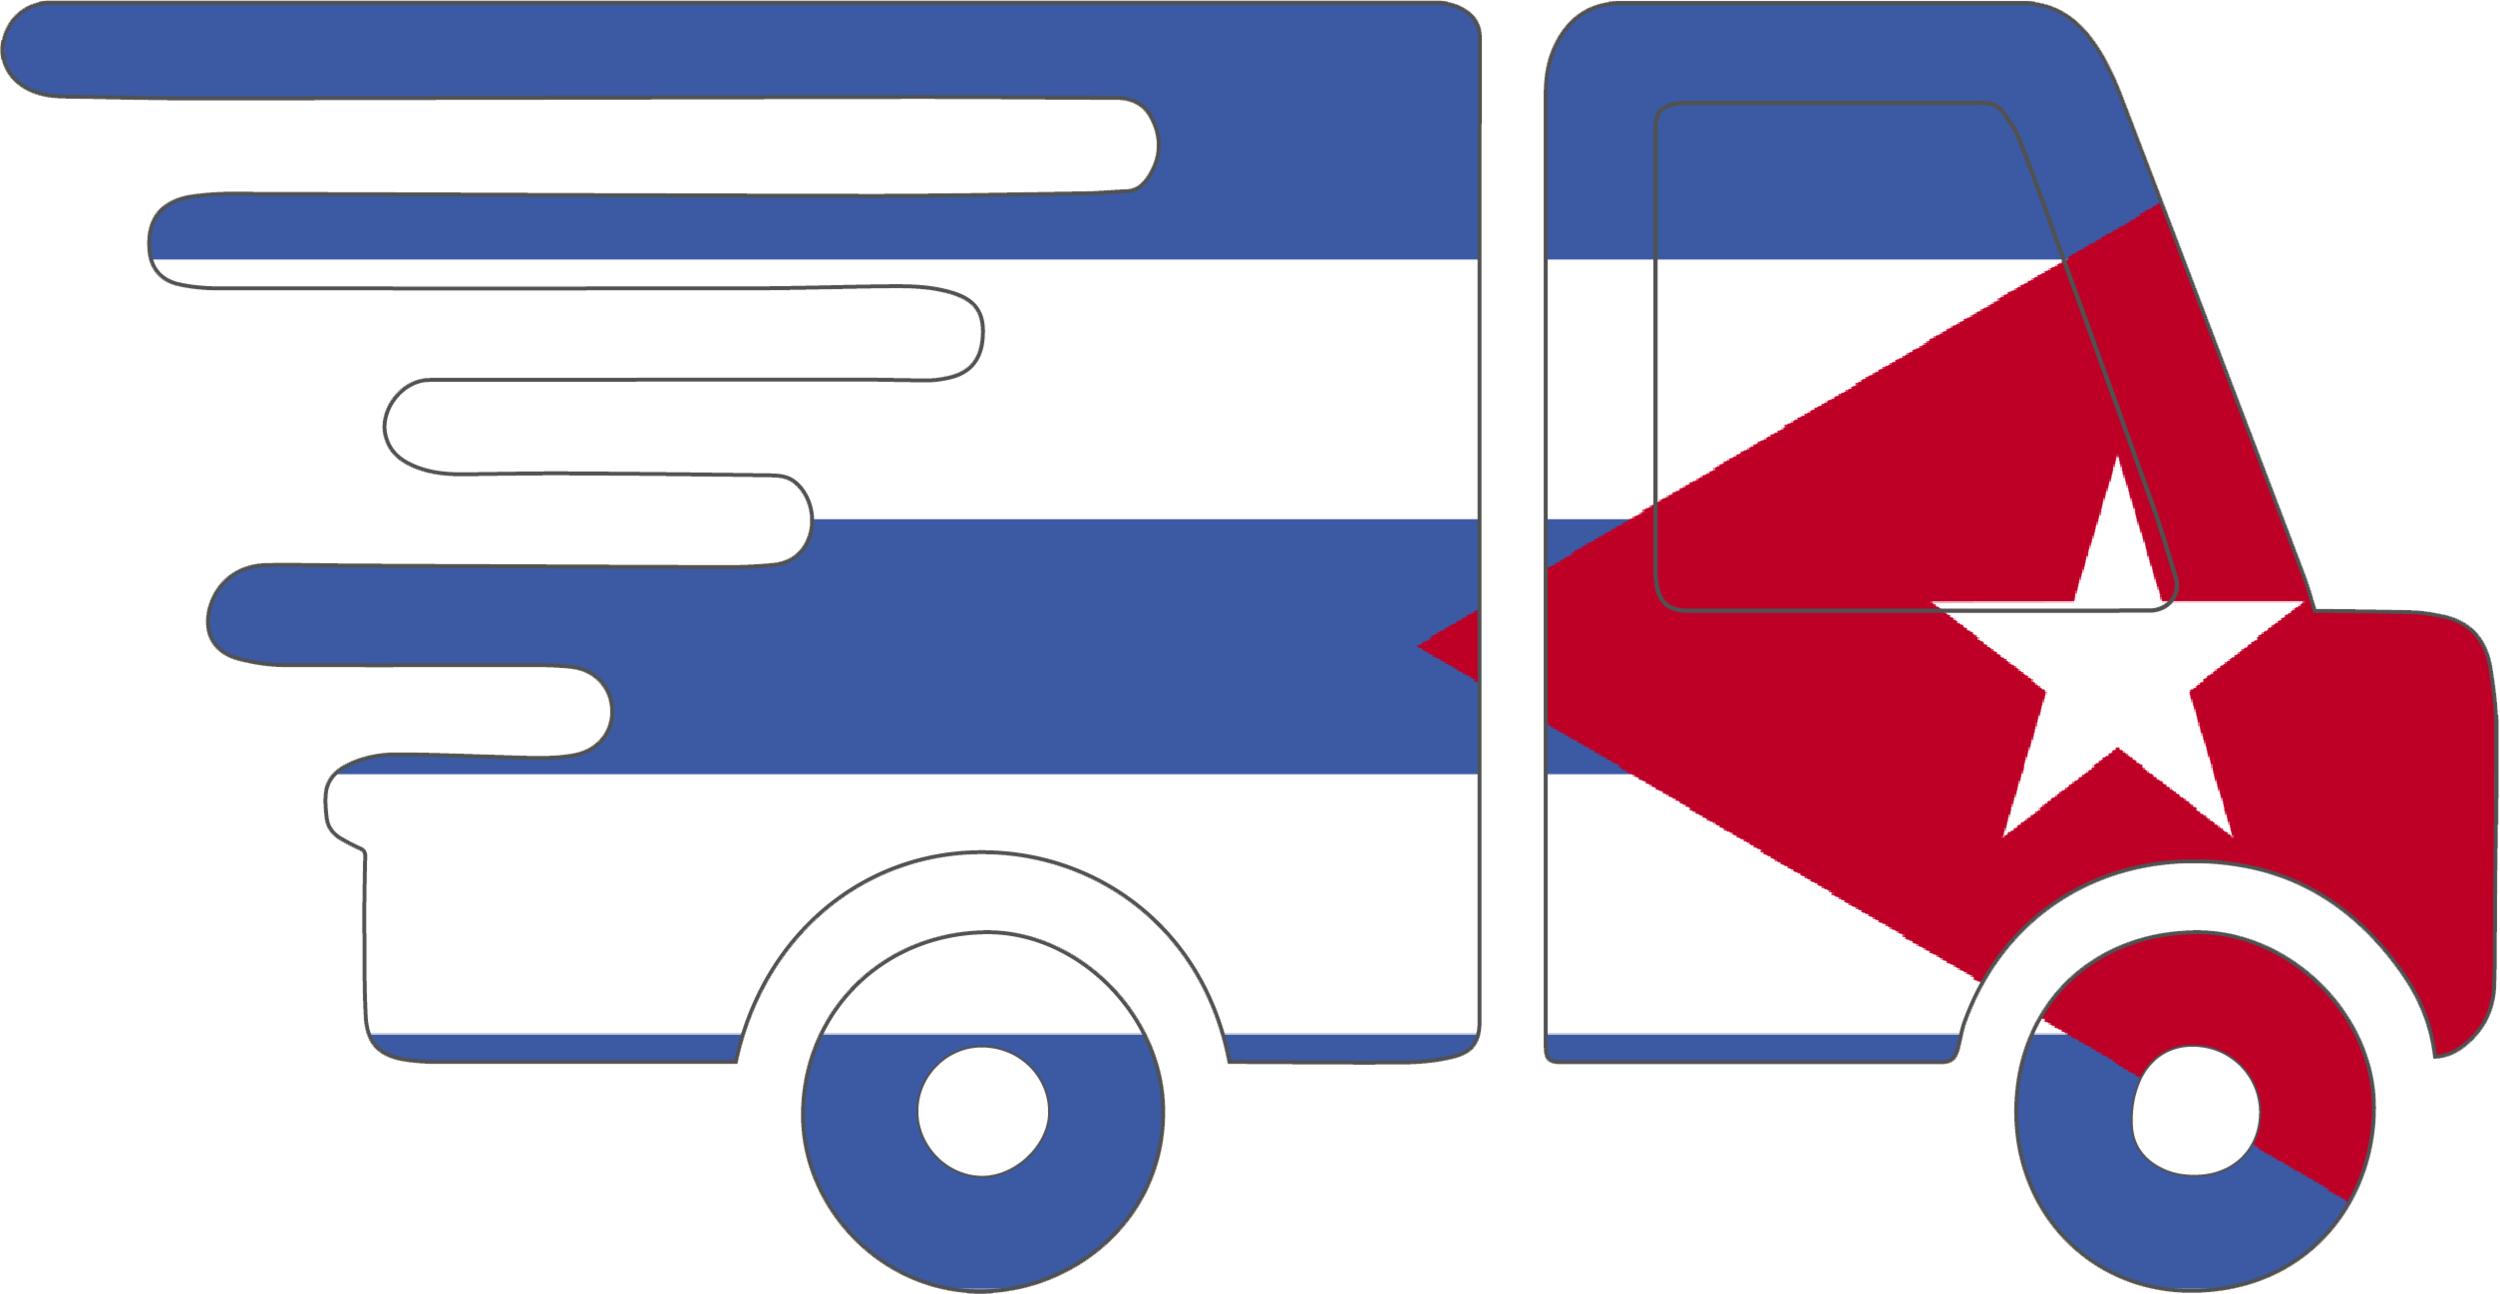 logo.transparent.png